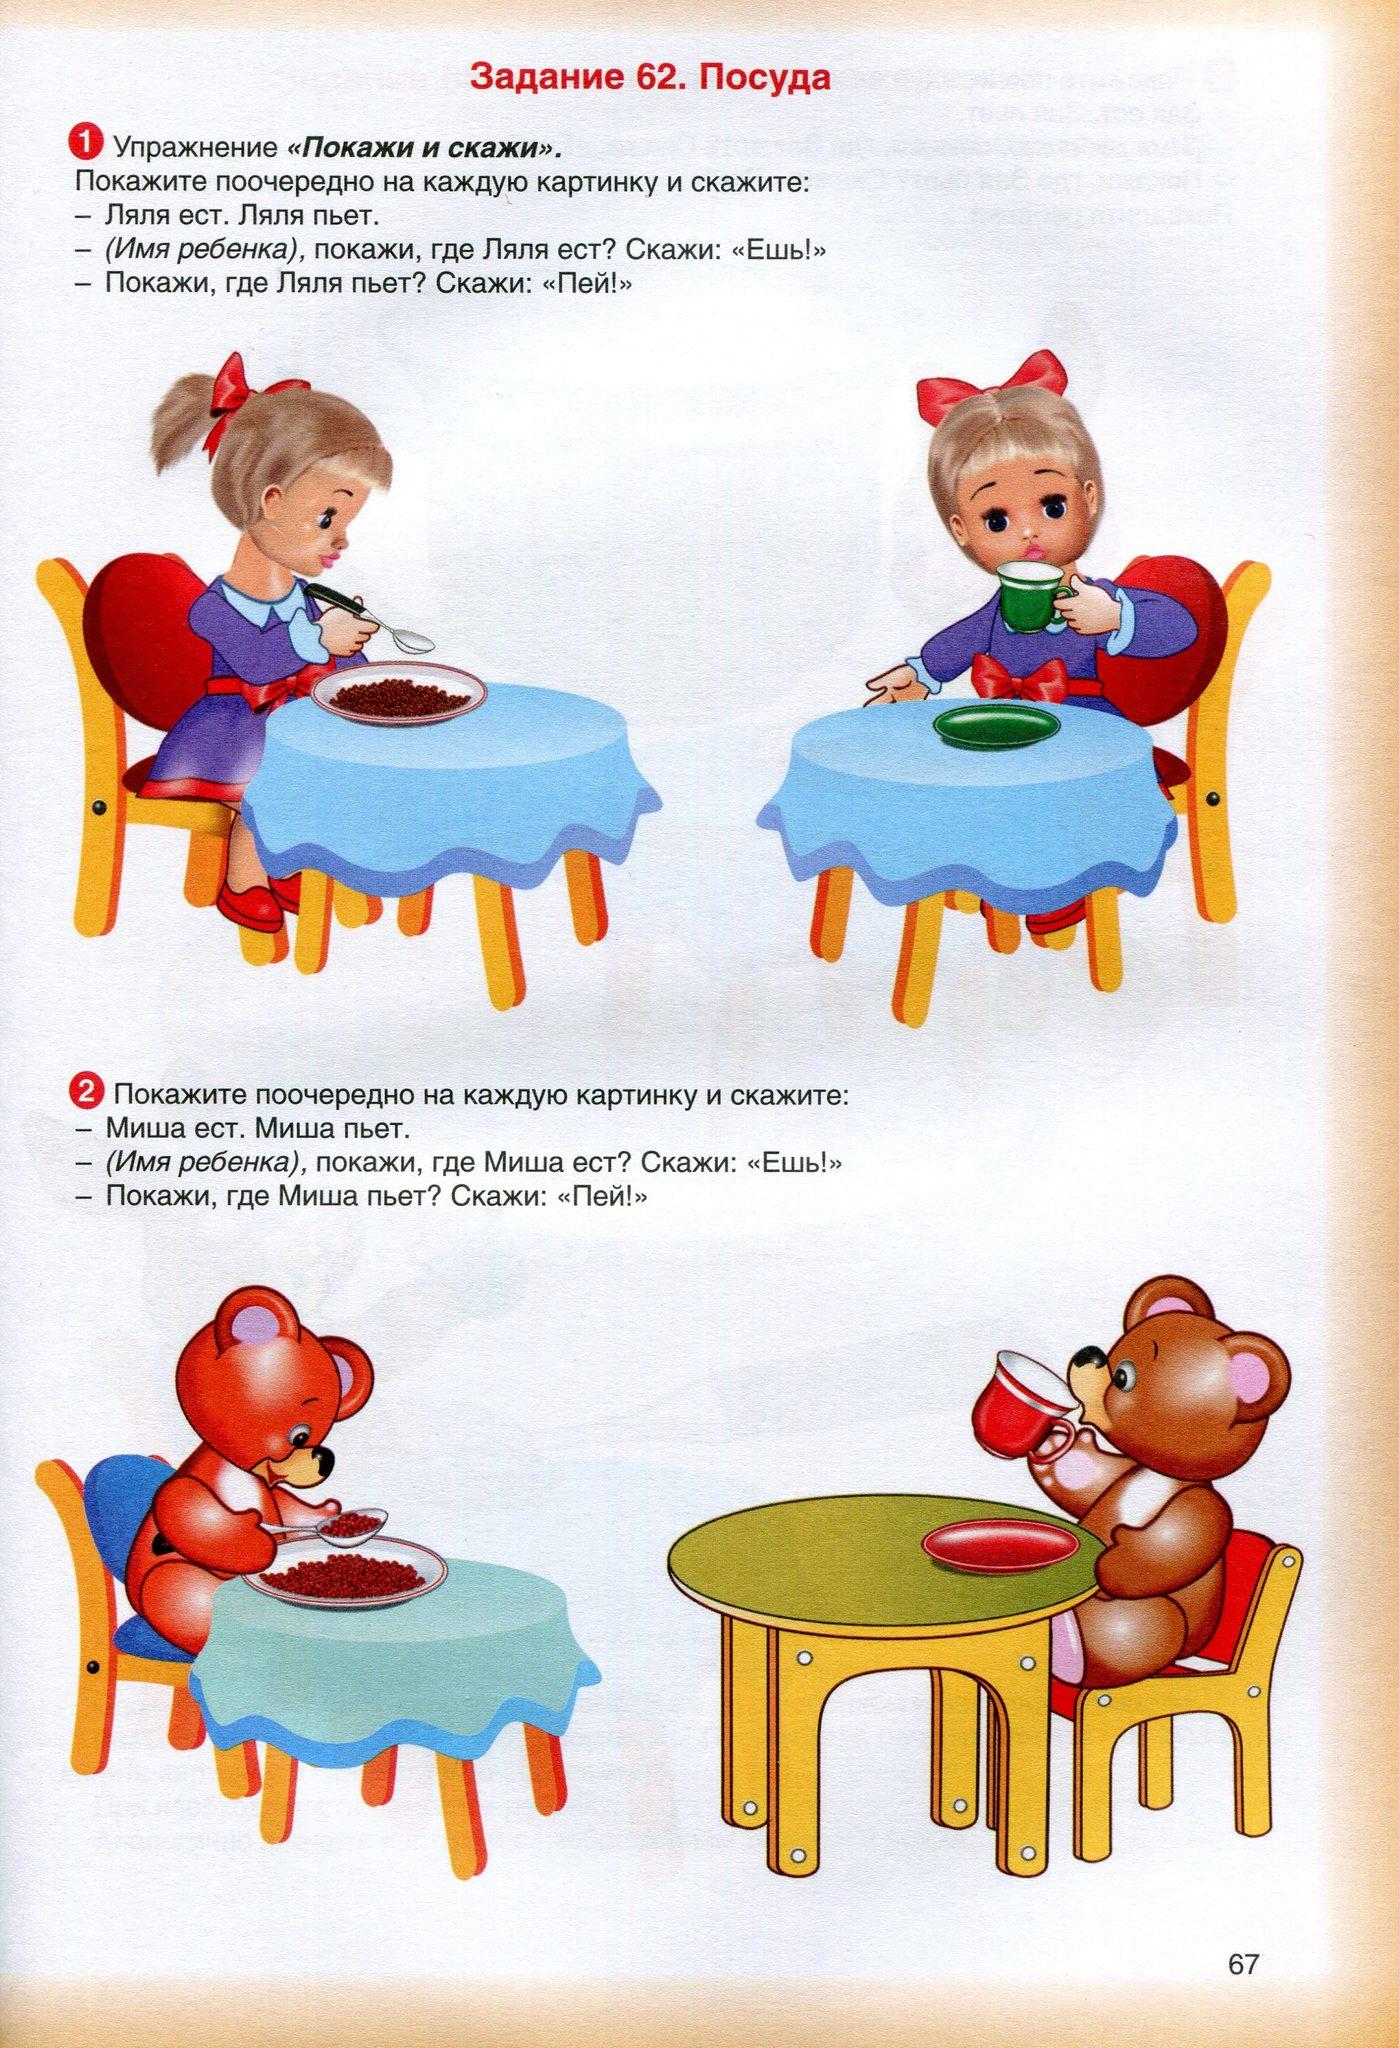 Игры для развития речи в 2 года | речь ребенка